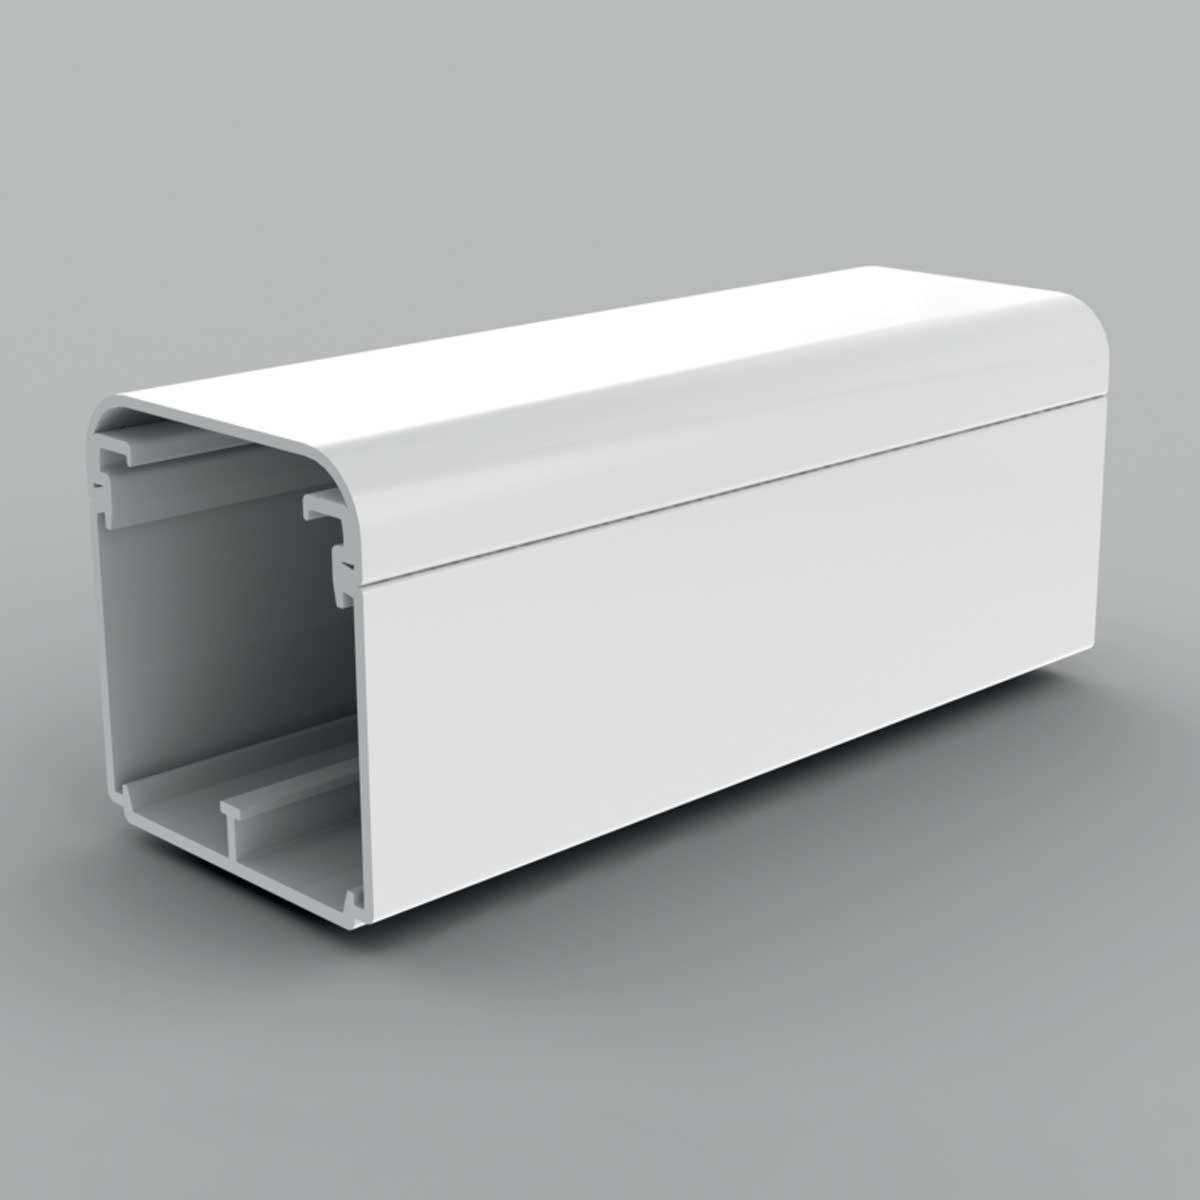 Кабельний канал білого кольору  60х60мм; Серія EKЕ; ПВХ